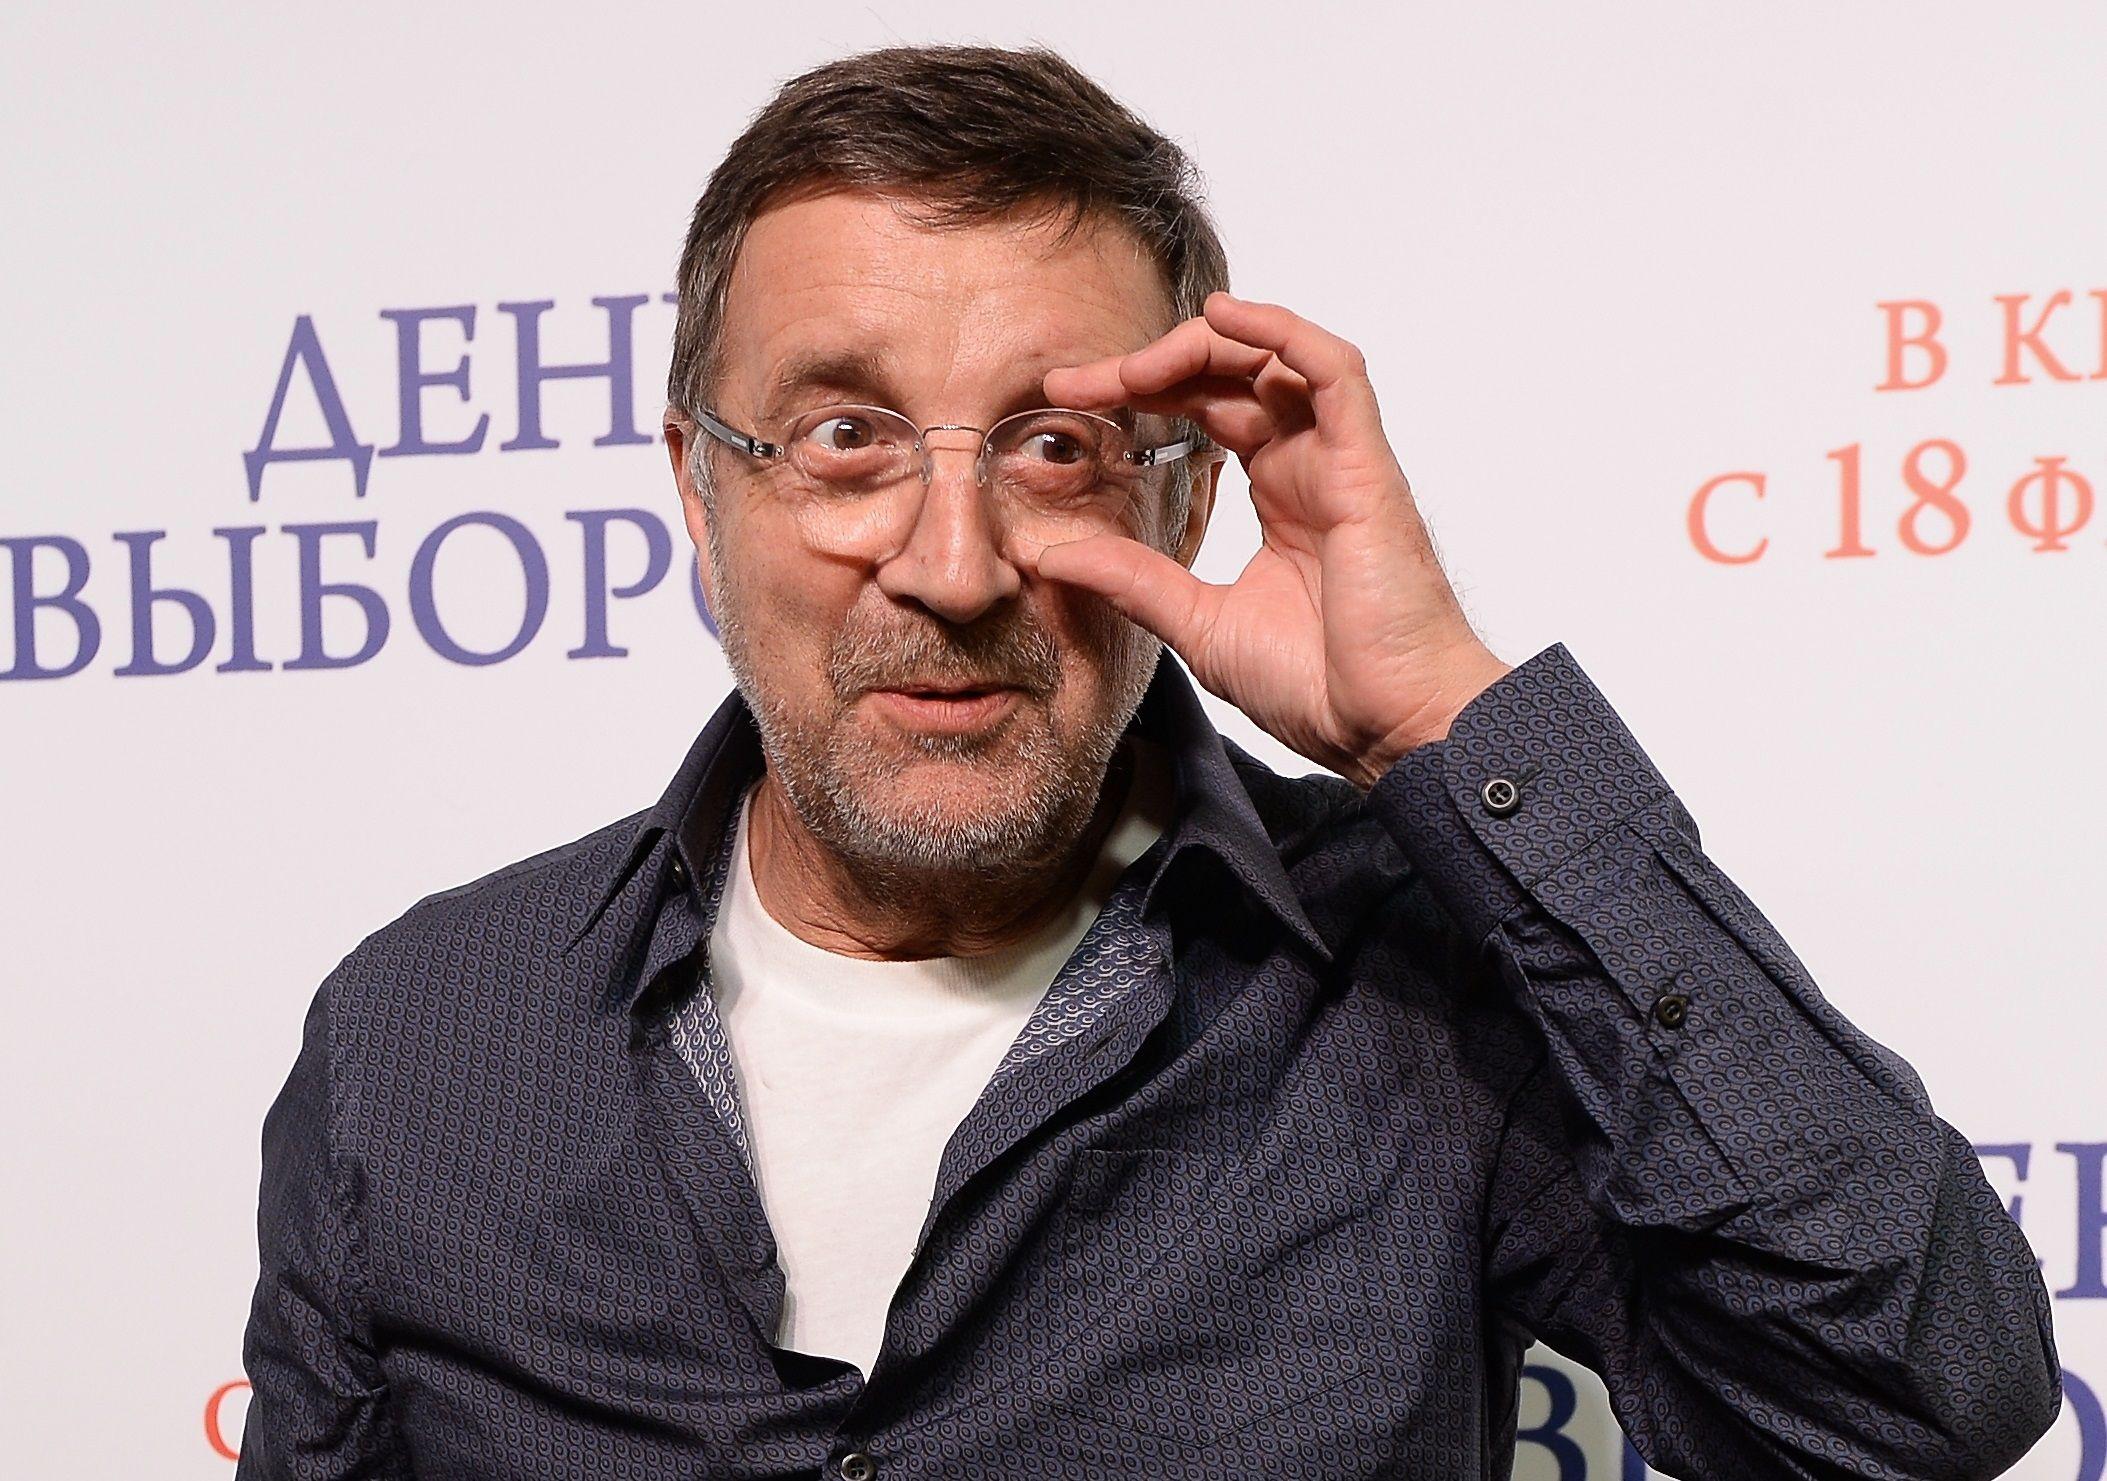 Леонид Ярмольник: Мой главный критик — мама